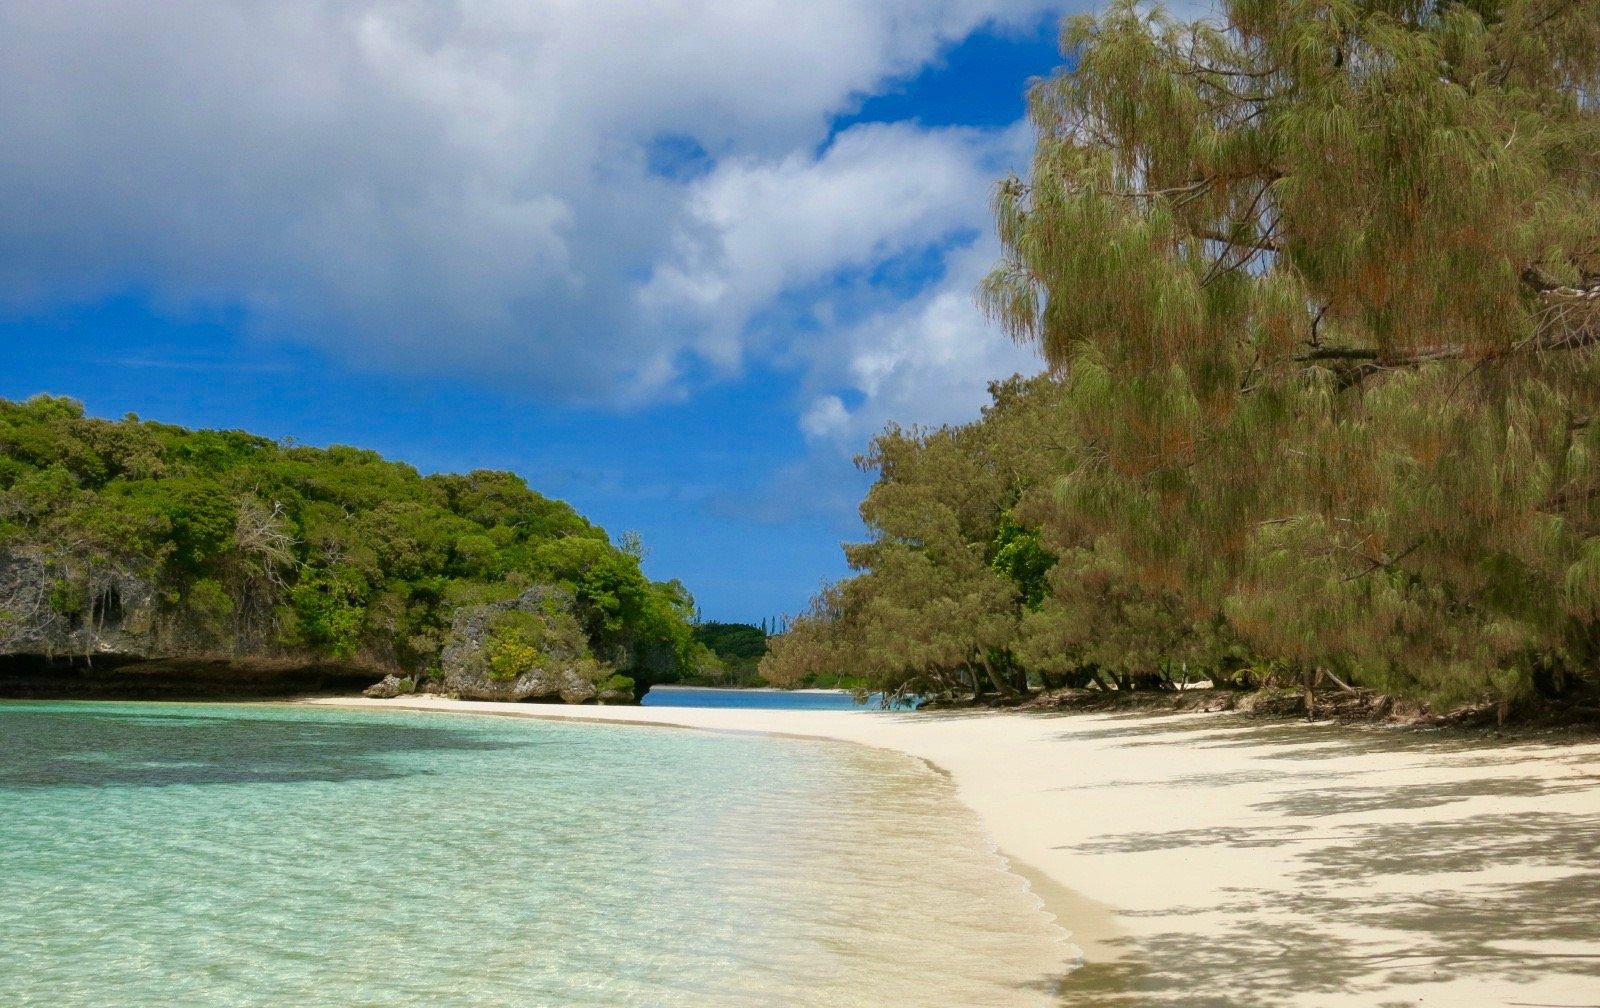 Strand von Kuto auf Île des Pins. Urlaub auf Neukaledonien.